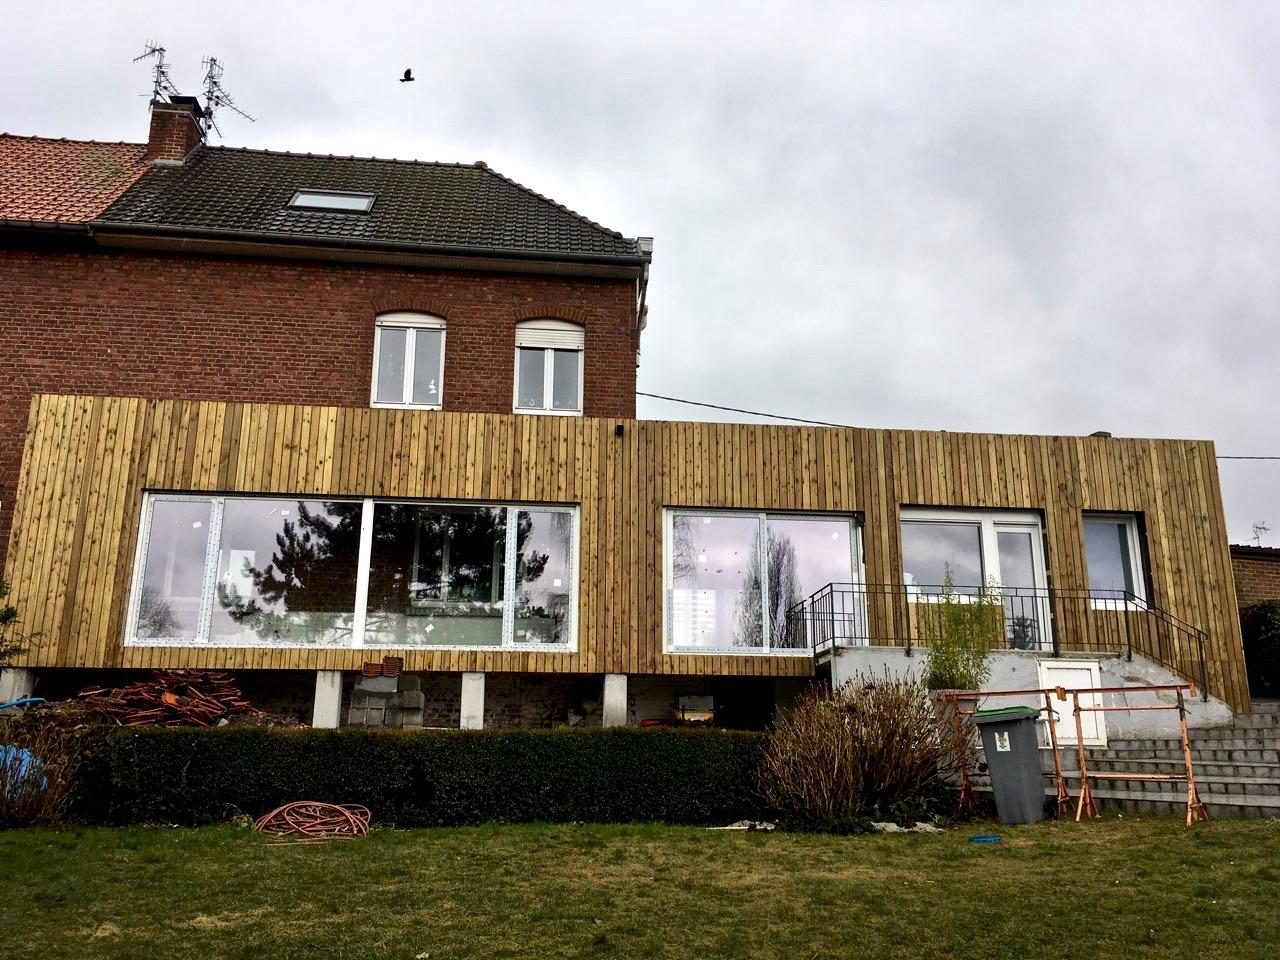 Extension en bois surélevée